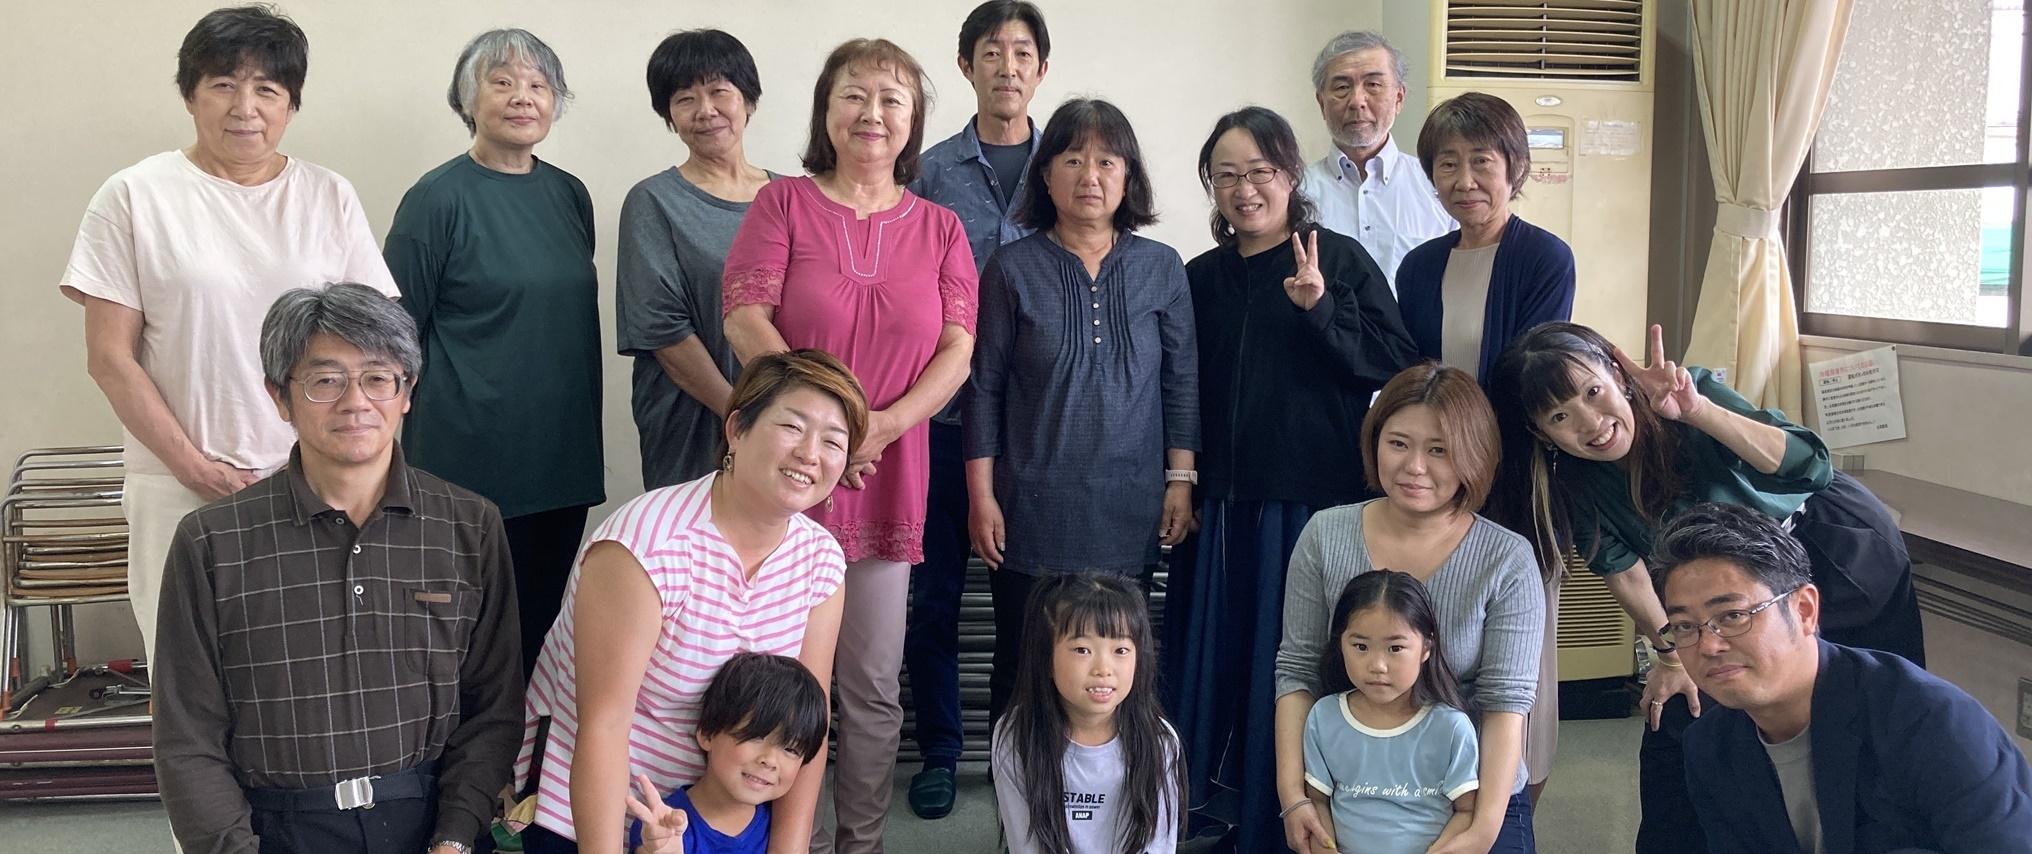 大阪府高石市NPO法人子育て支援グーチョキパー